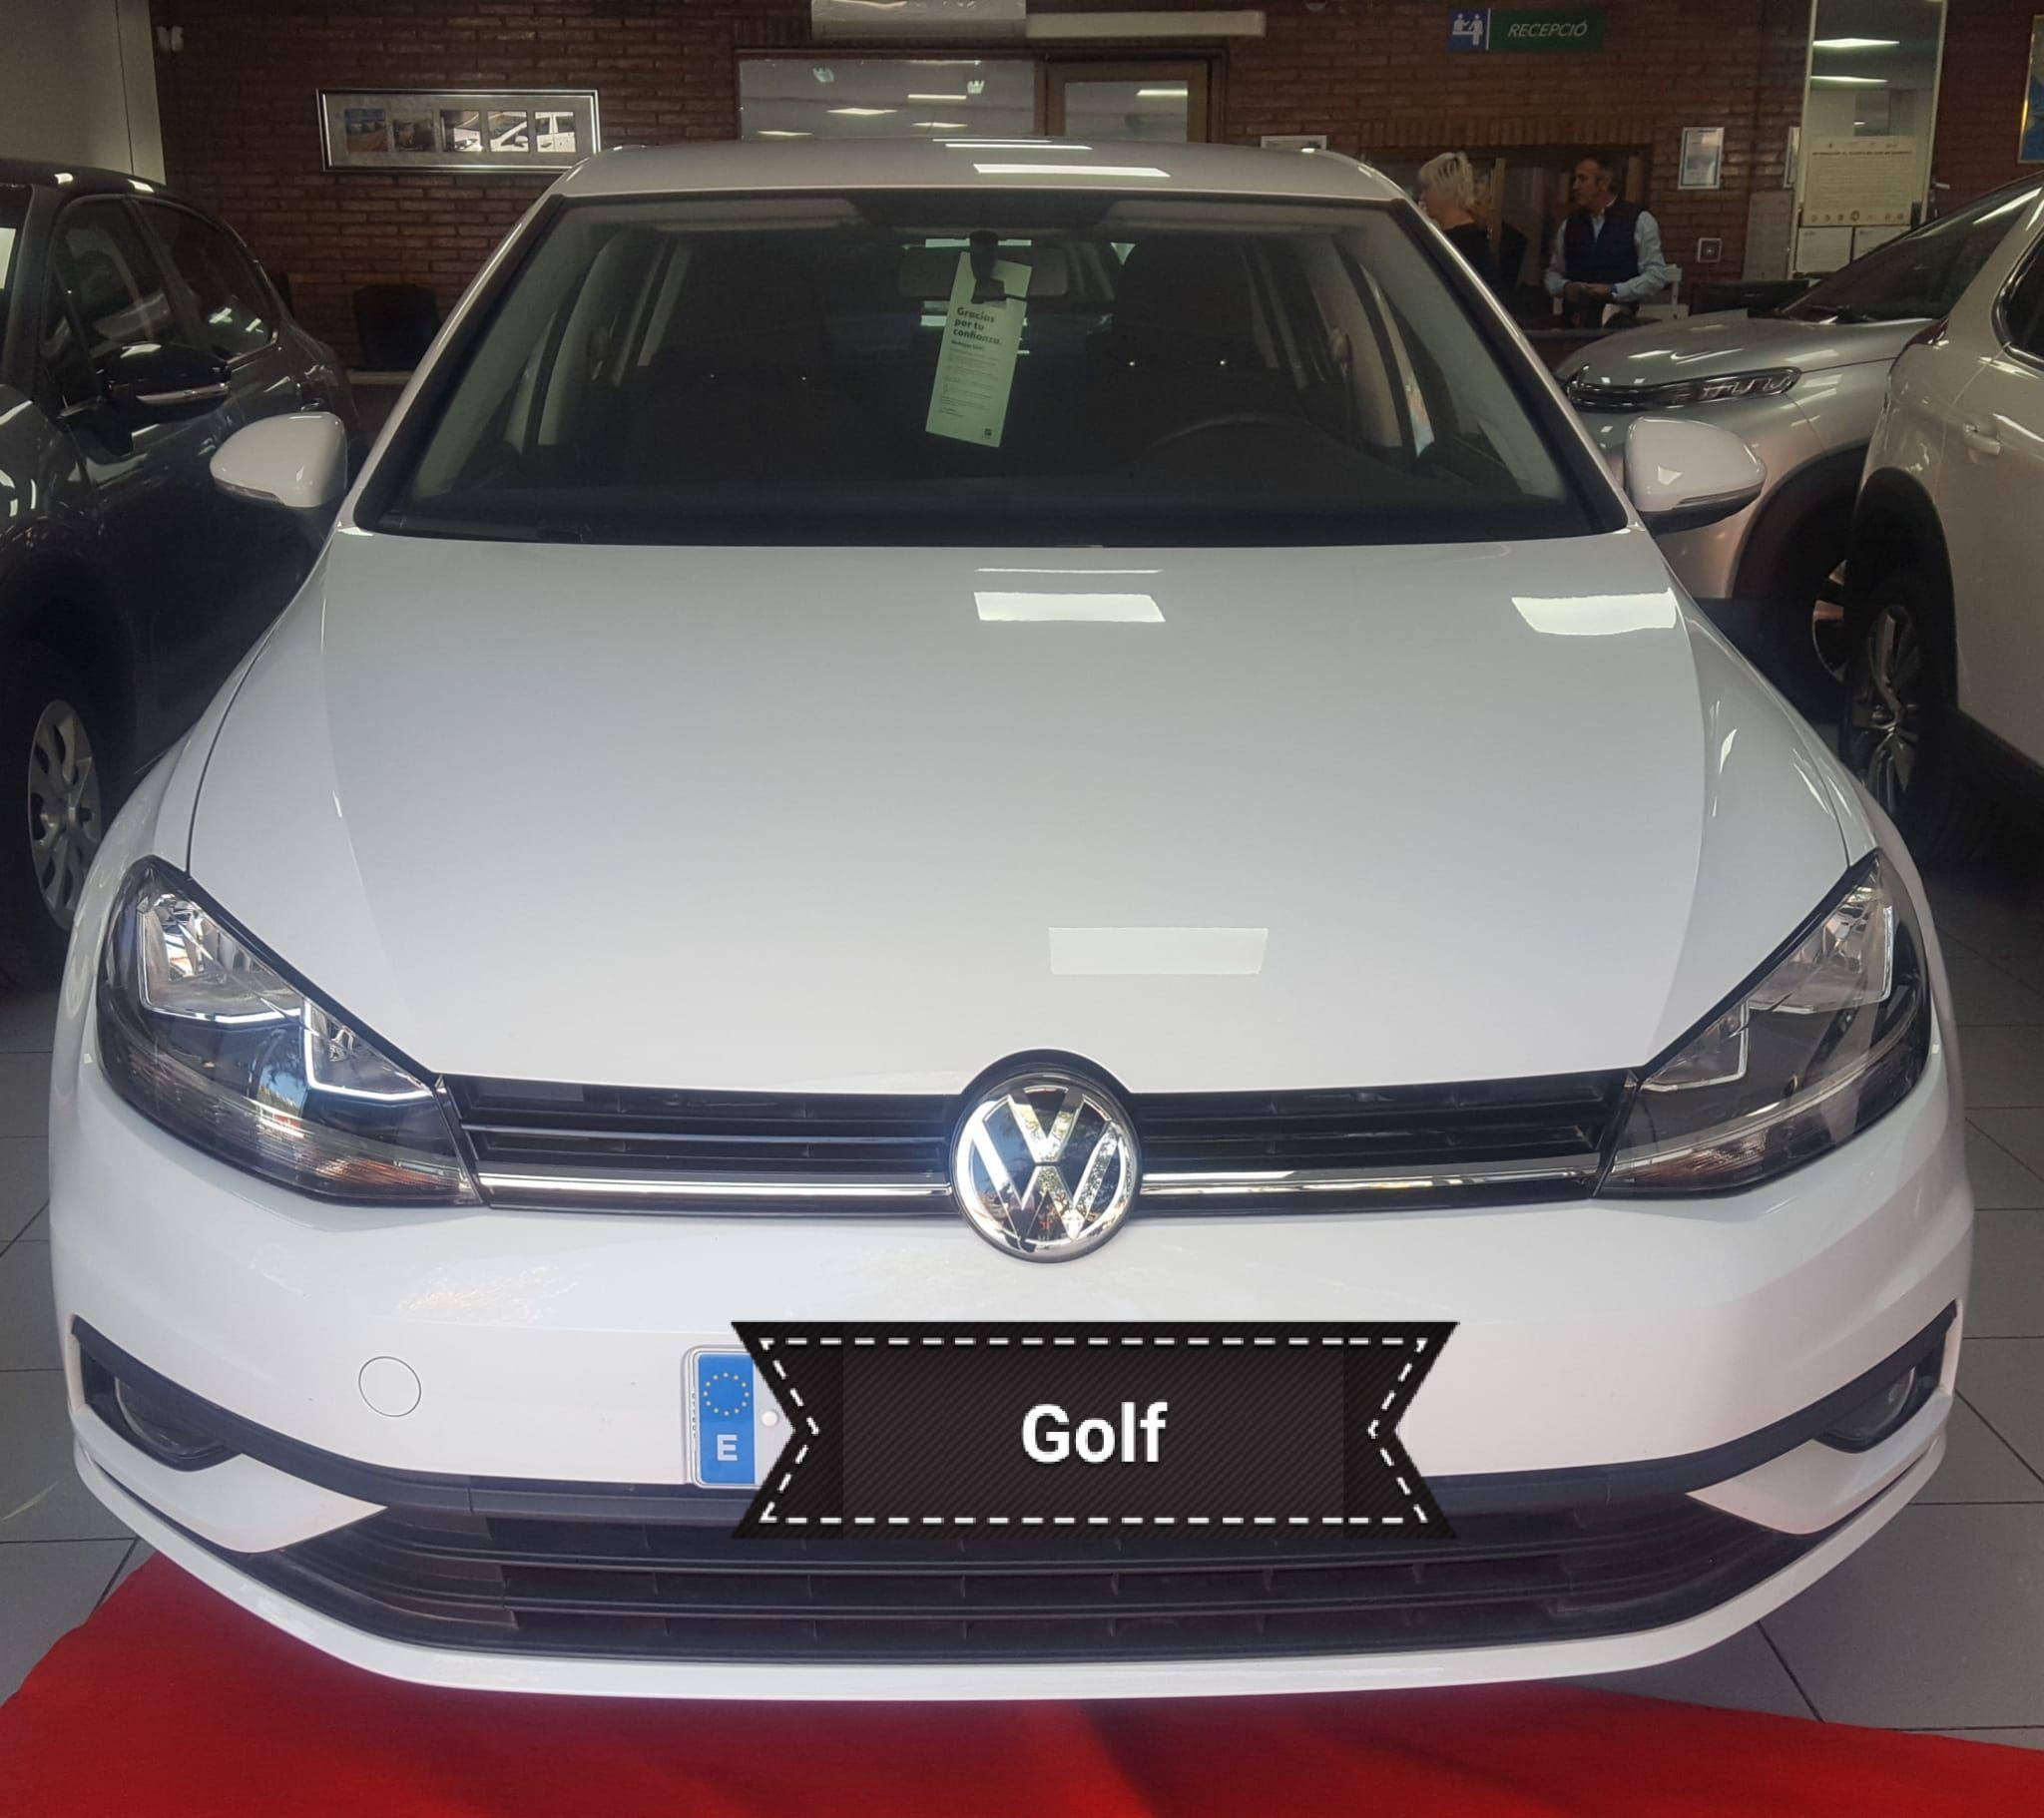 VW GOLF 1.0 tsi 115 gasolina business: Catálogo de Automòbils Rambla